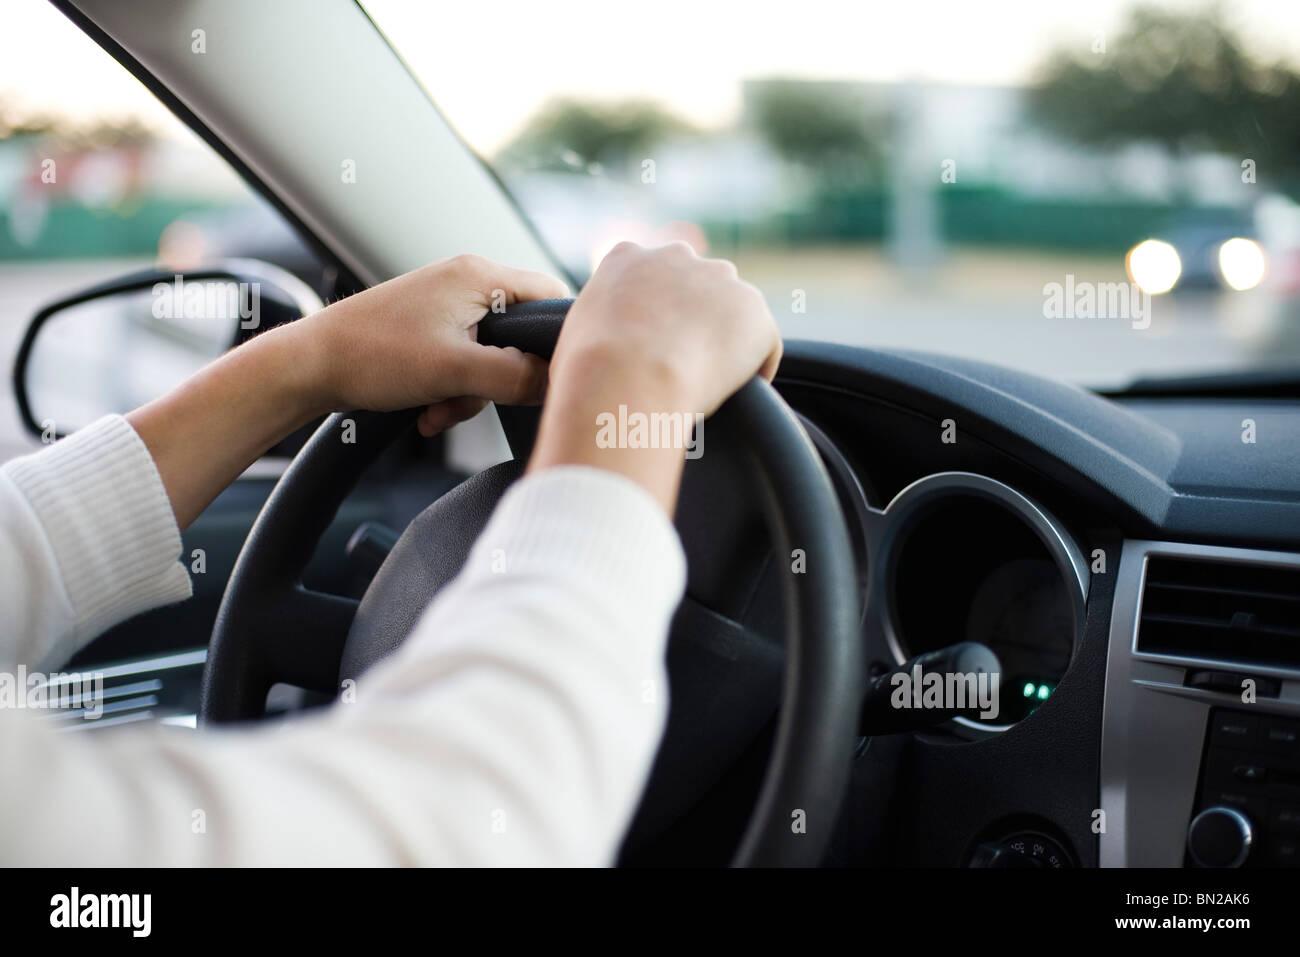 La guida auto con entrambe le mani sul volante Immagini Stock